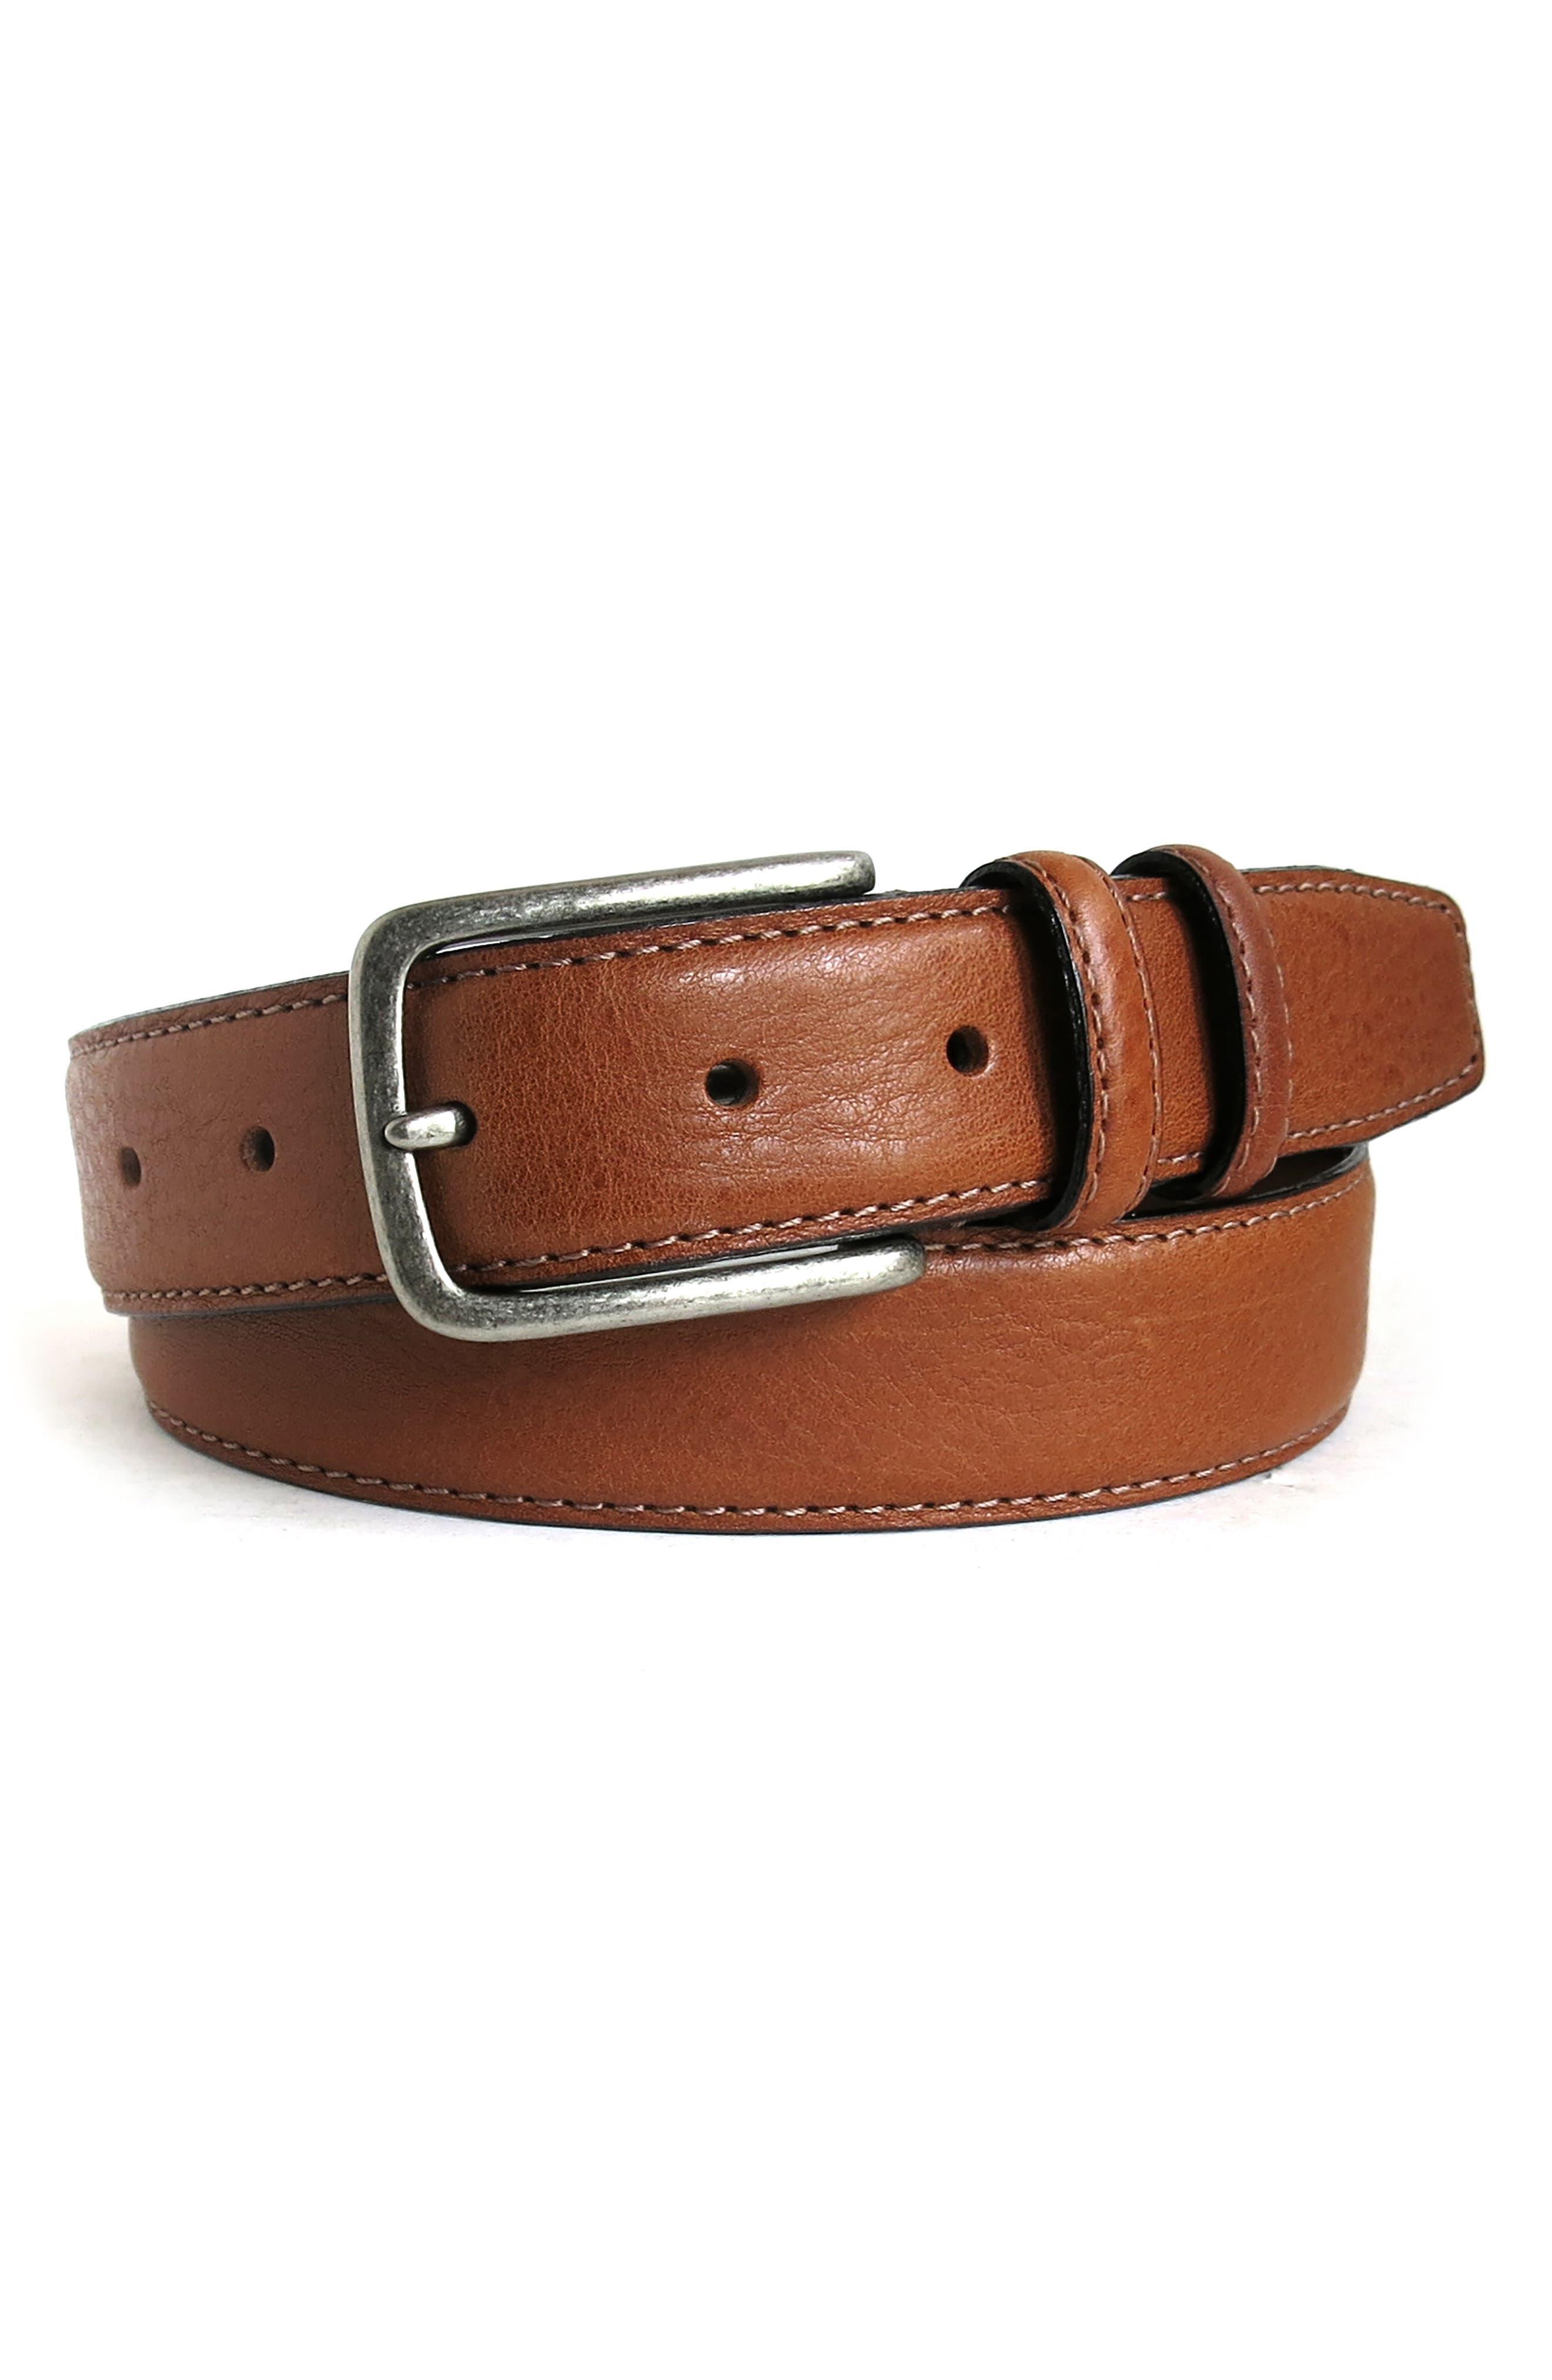 Boconi Clapton Leather Belt, Cognac